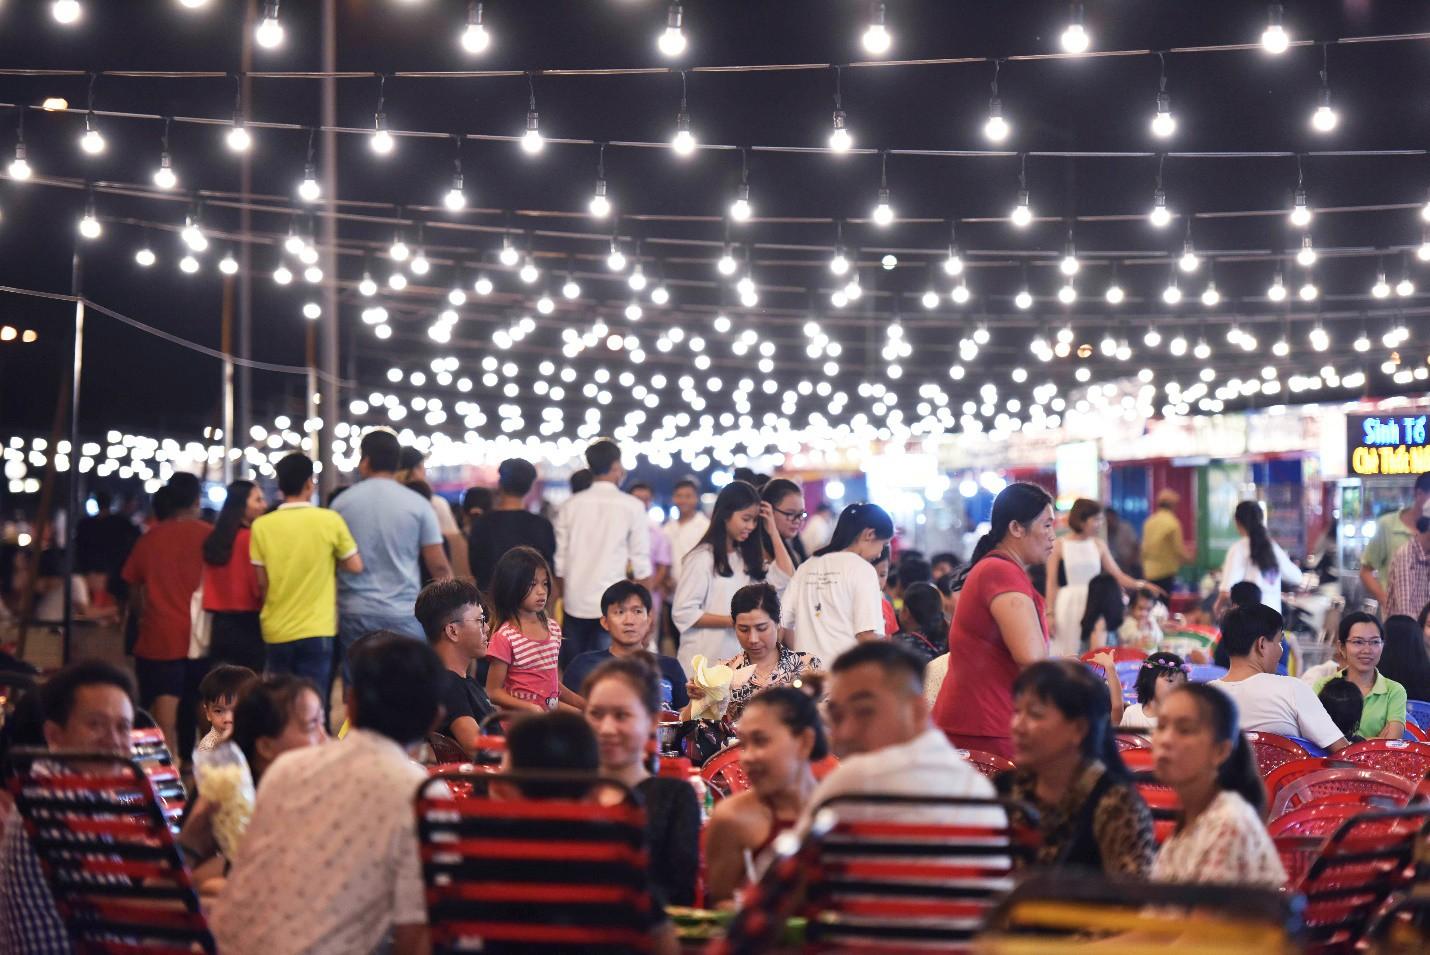 Vừa khai trương, chợ đêm Ha Tien Night Market bất ngờ lọt top điểm đến hấp dẫn phía Nam - Ảnh 2.